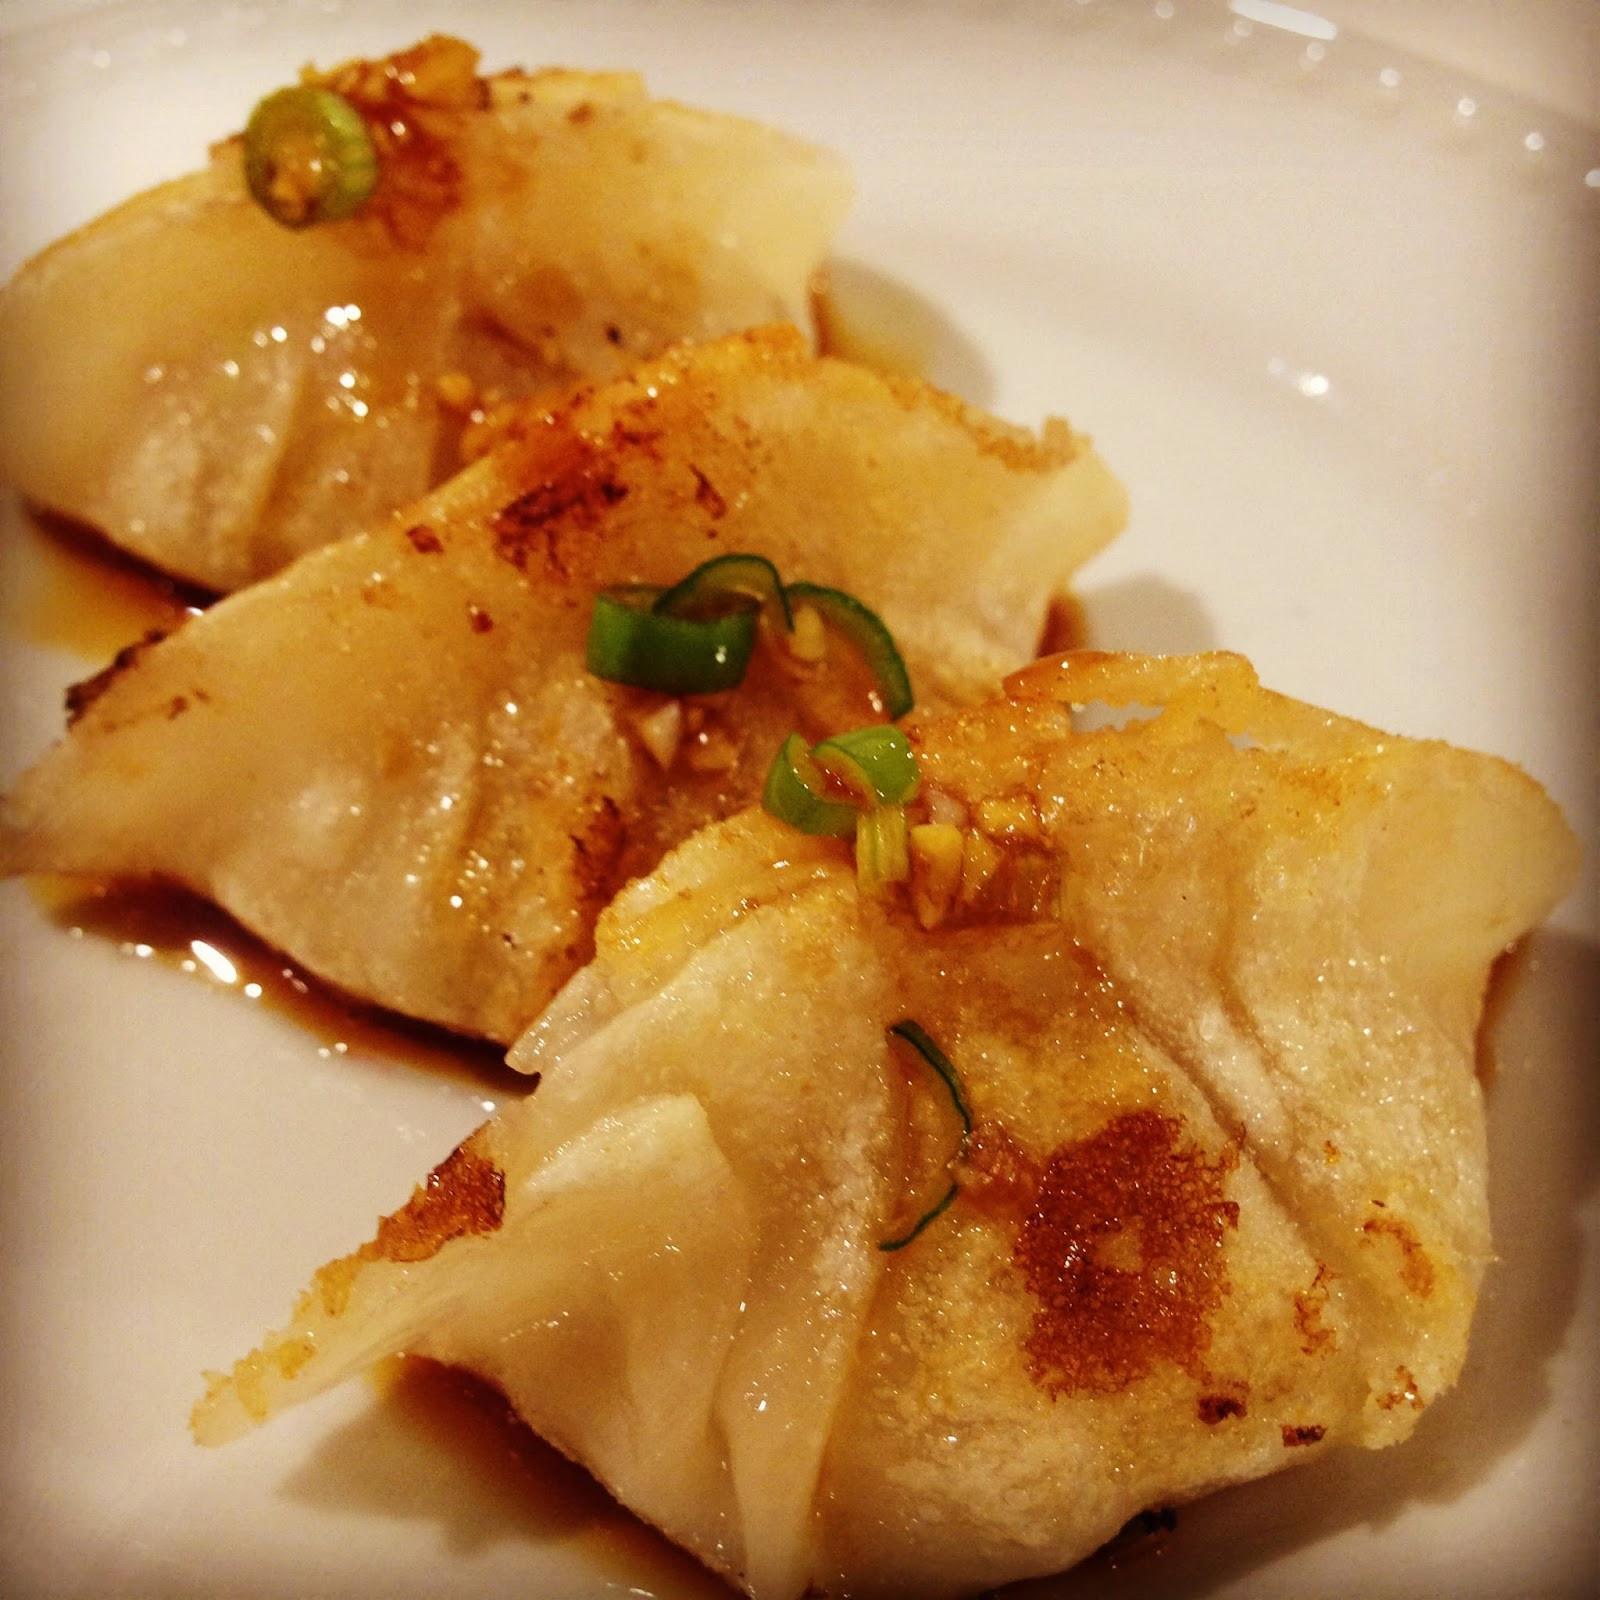 Fried Pork Dumplings  Yellowmenace FOODPORN Lao SE Asia Recipes from Dai&Dal